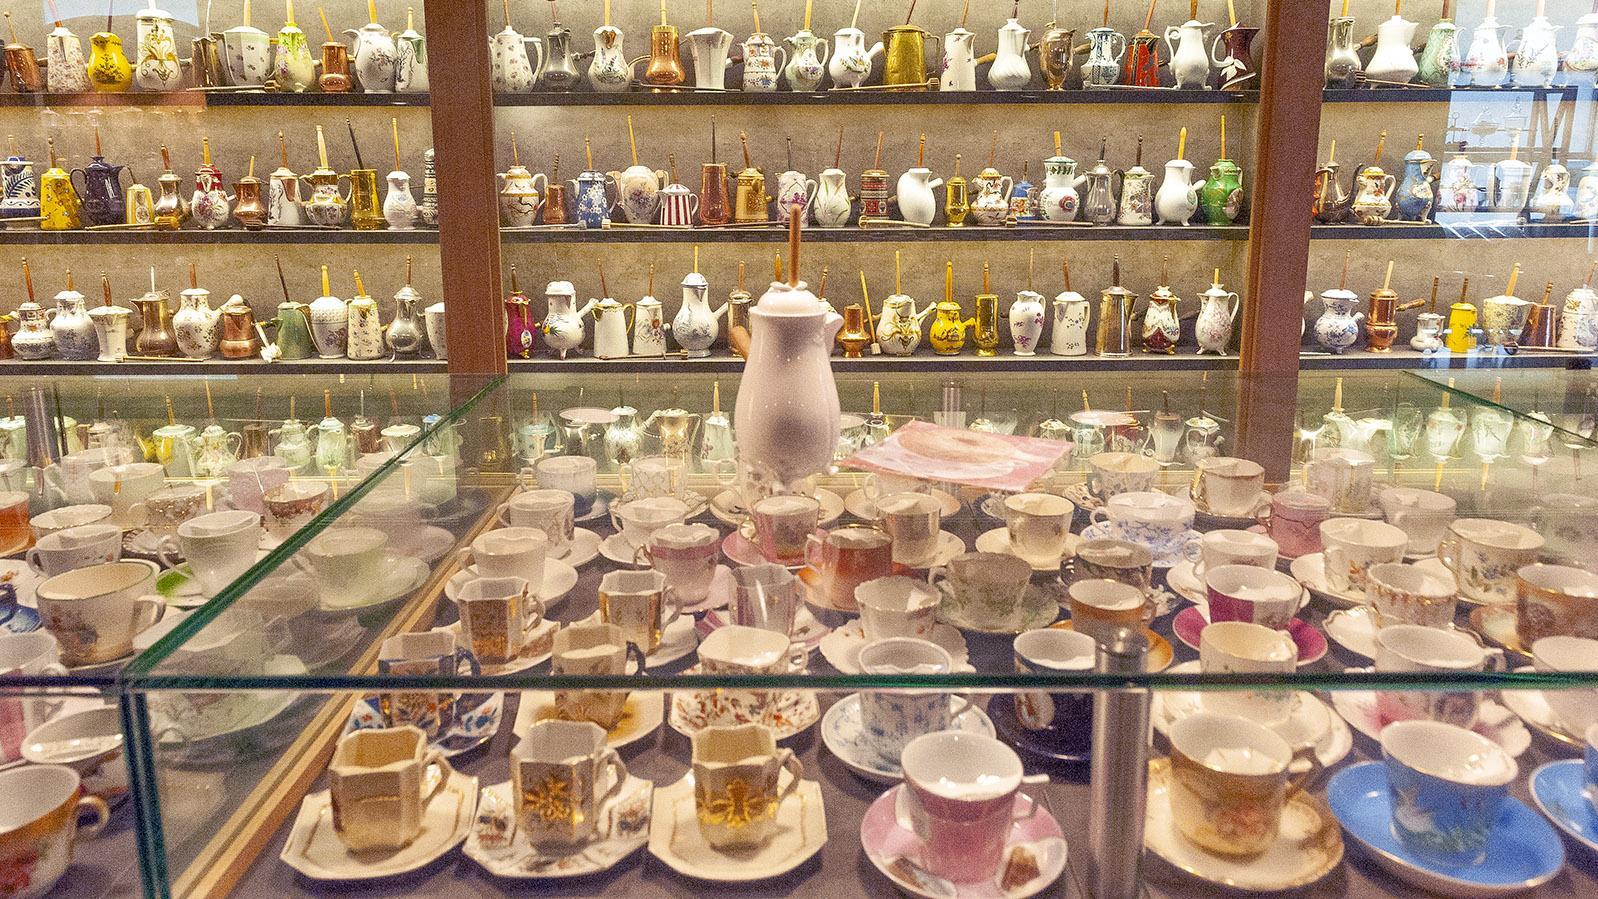 Schokolade: die Tassen- und Kännchensammlung von Puyodebat. Foto: Hilke Maunder